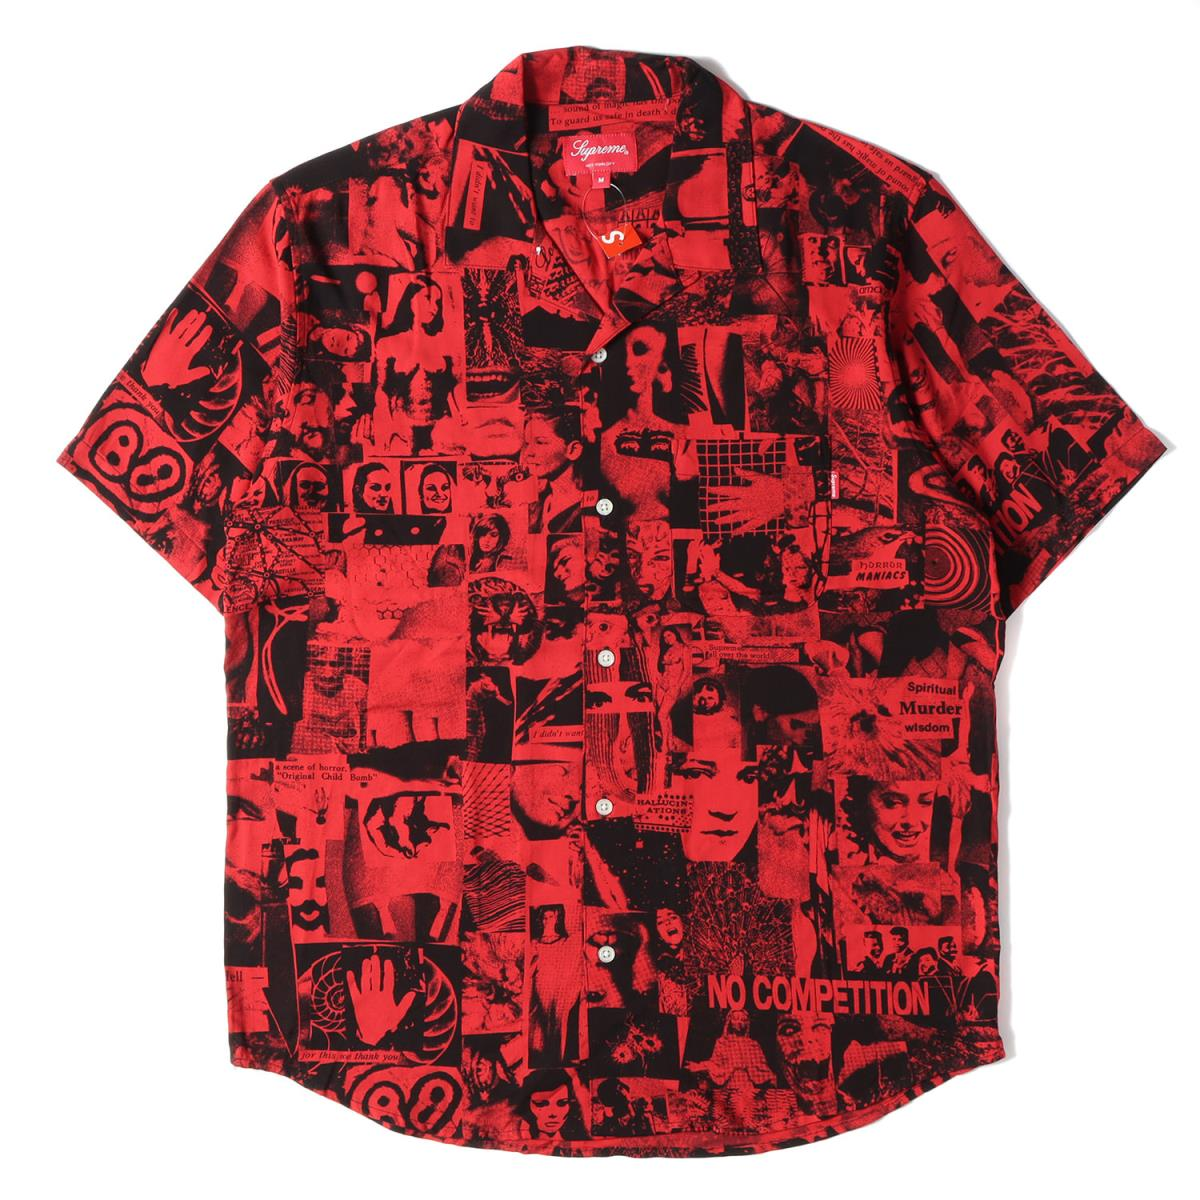 シュプリーム 人気激安 シャツ 半袖 レーヨン フォトコラージュ オープンカラー 開襟 全国一律送料無料 Supreme フォトコラージュ柄 Rayon 半袖シャツ メンズ 18SS Vibrations K3026 レッド M Shirt